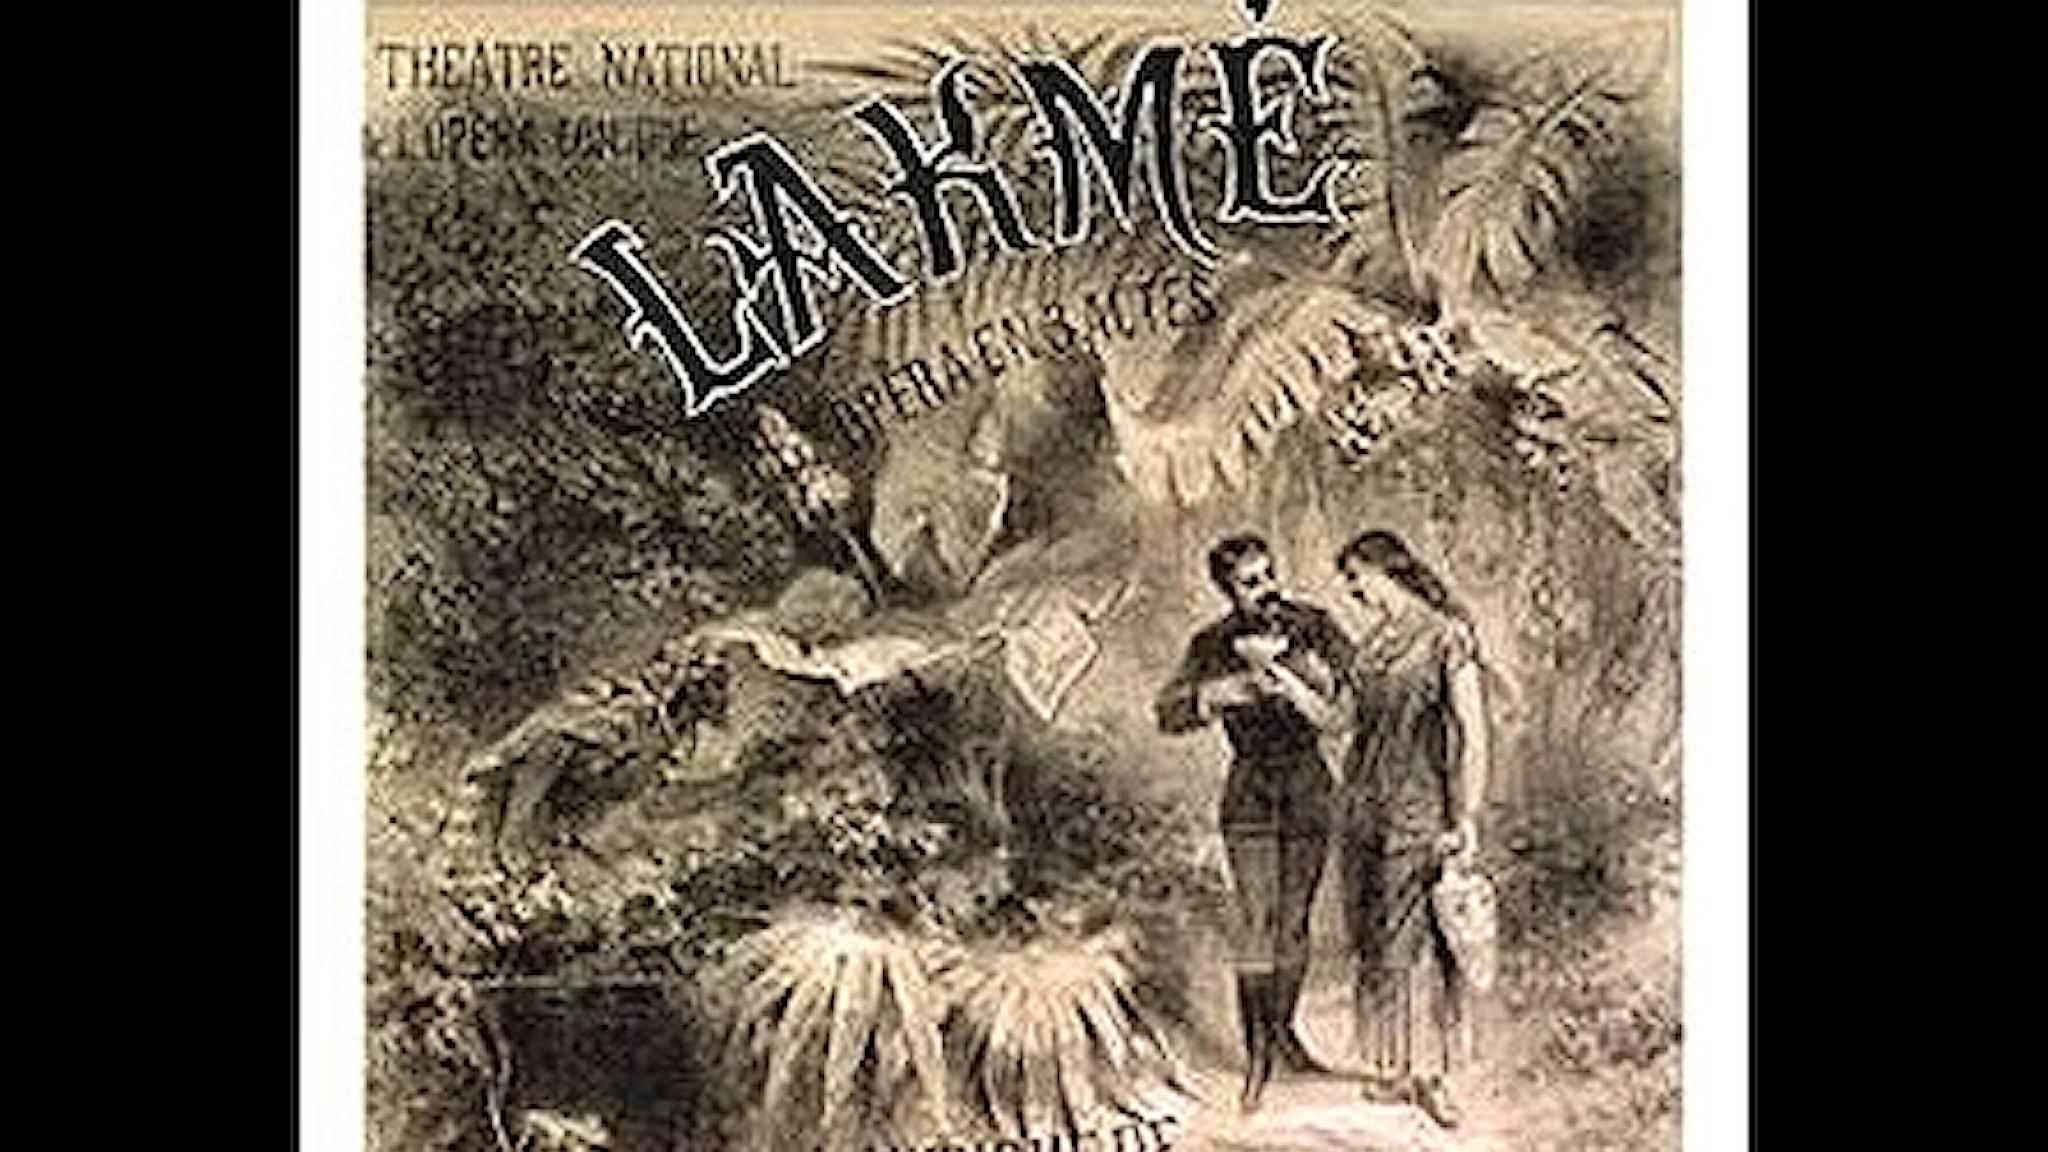 Affisch från Théâtre national de l'Opéra-Comique för Lakmé av Léo Delibes